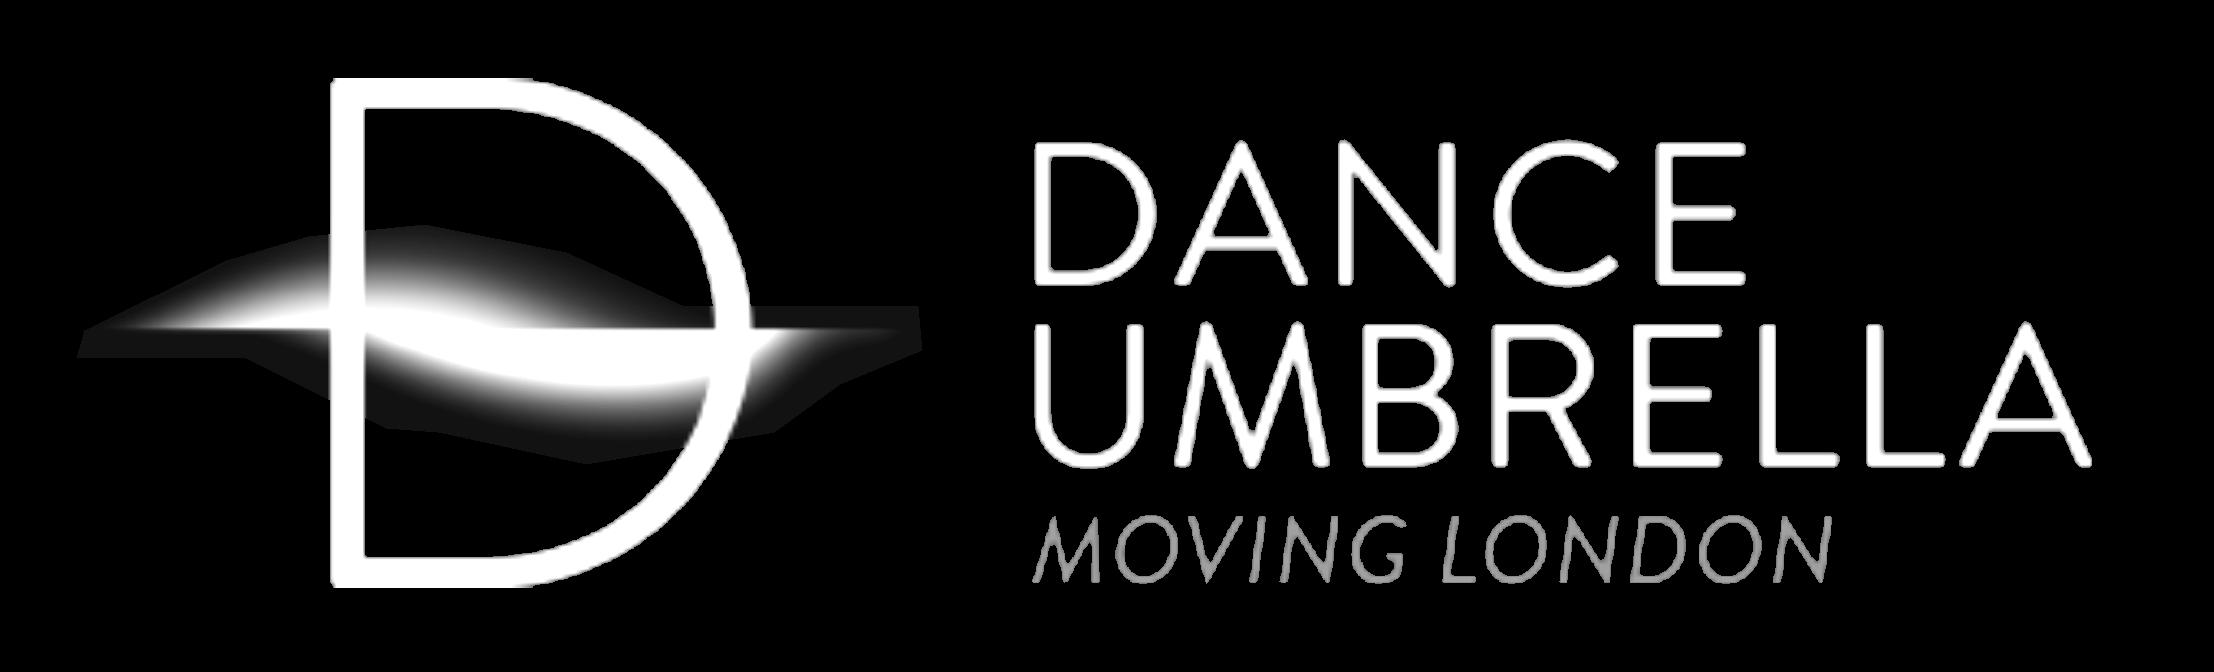 Dance Umbrella logo.png